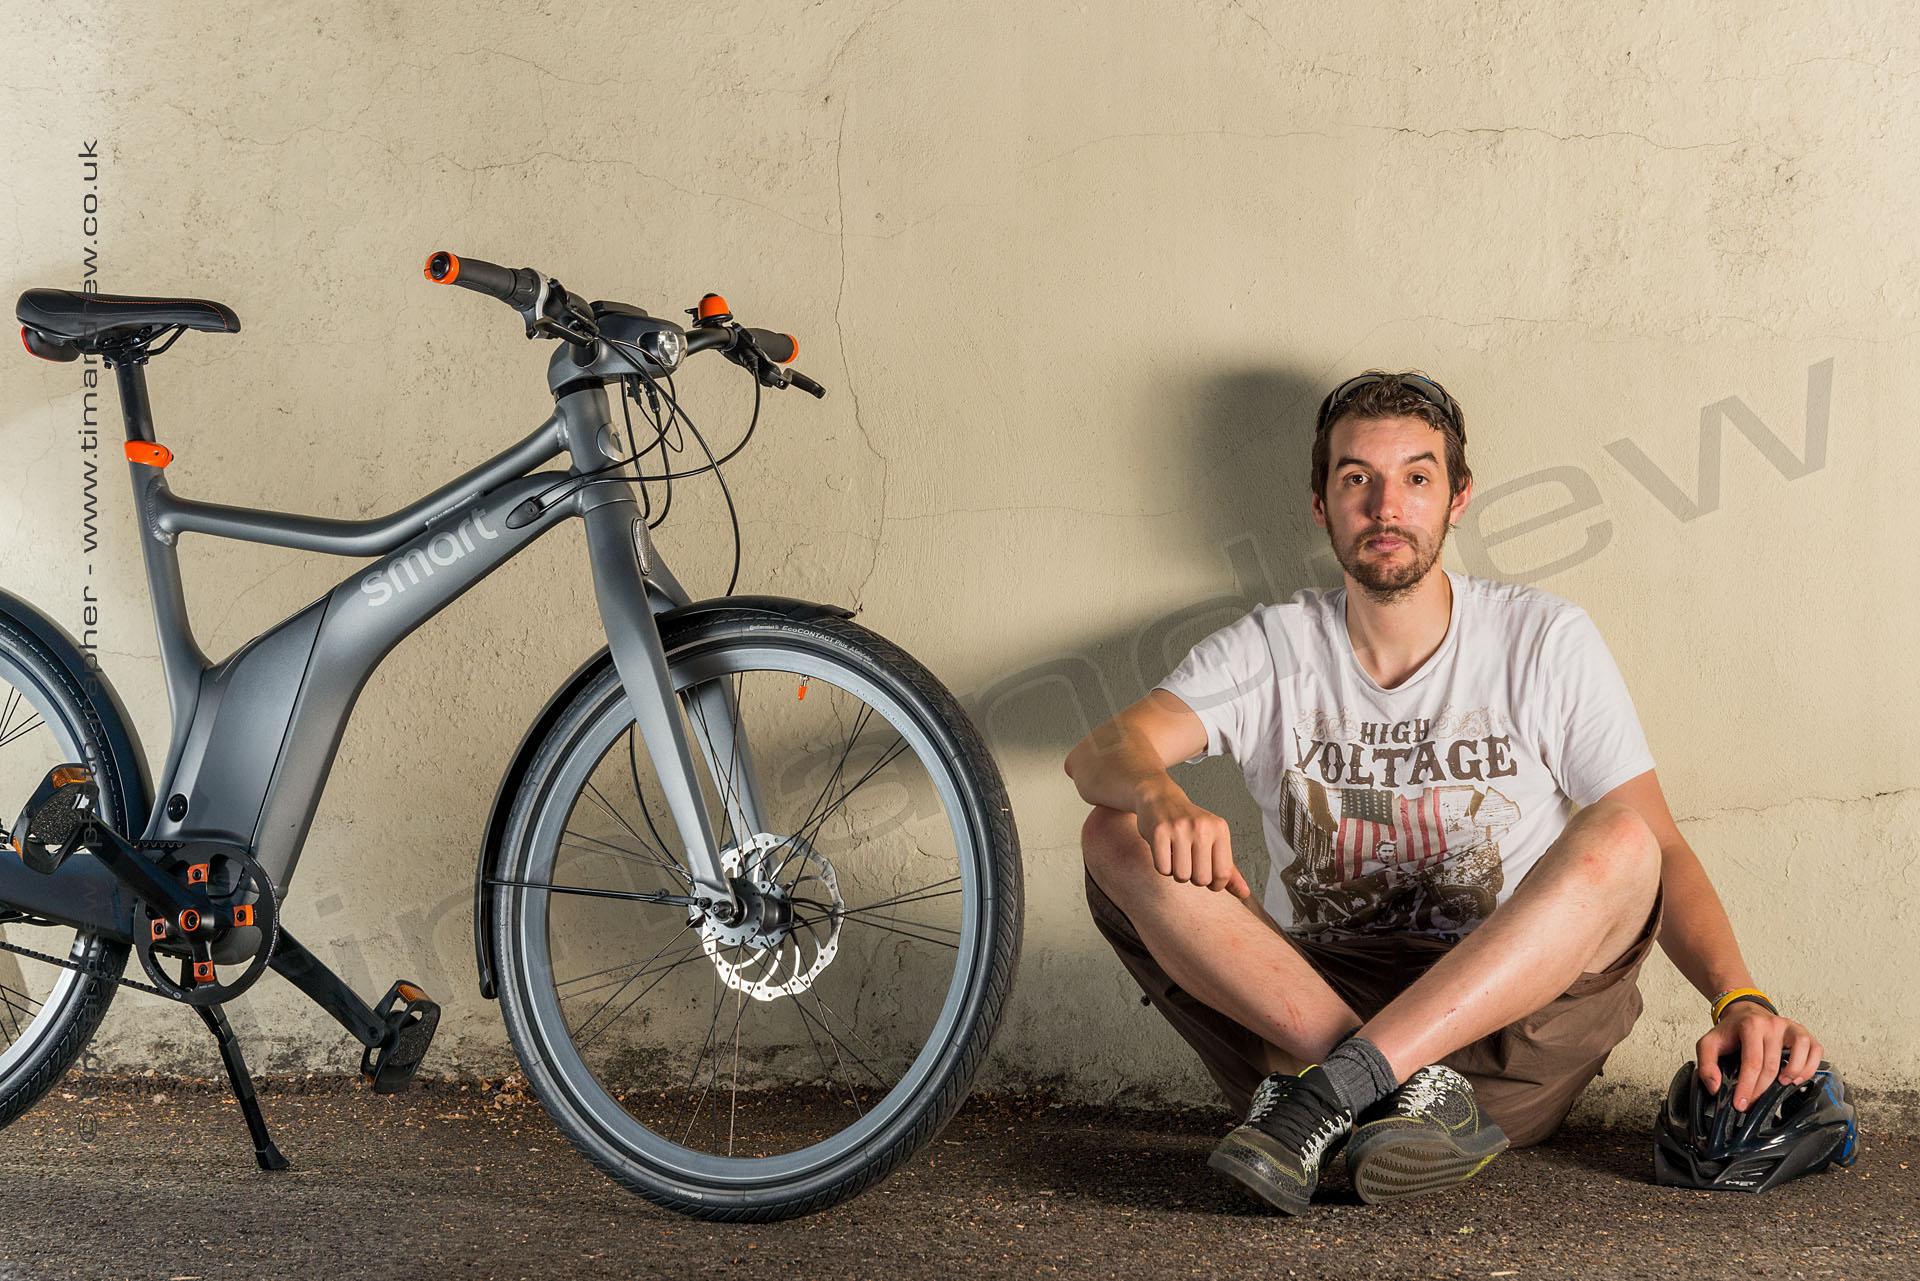 Smart E-bike and owner